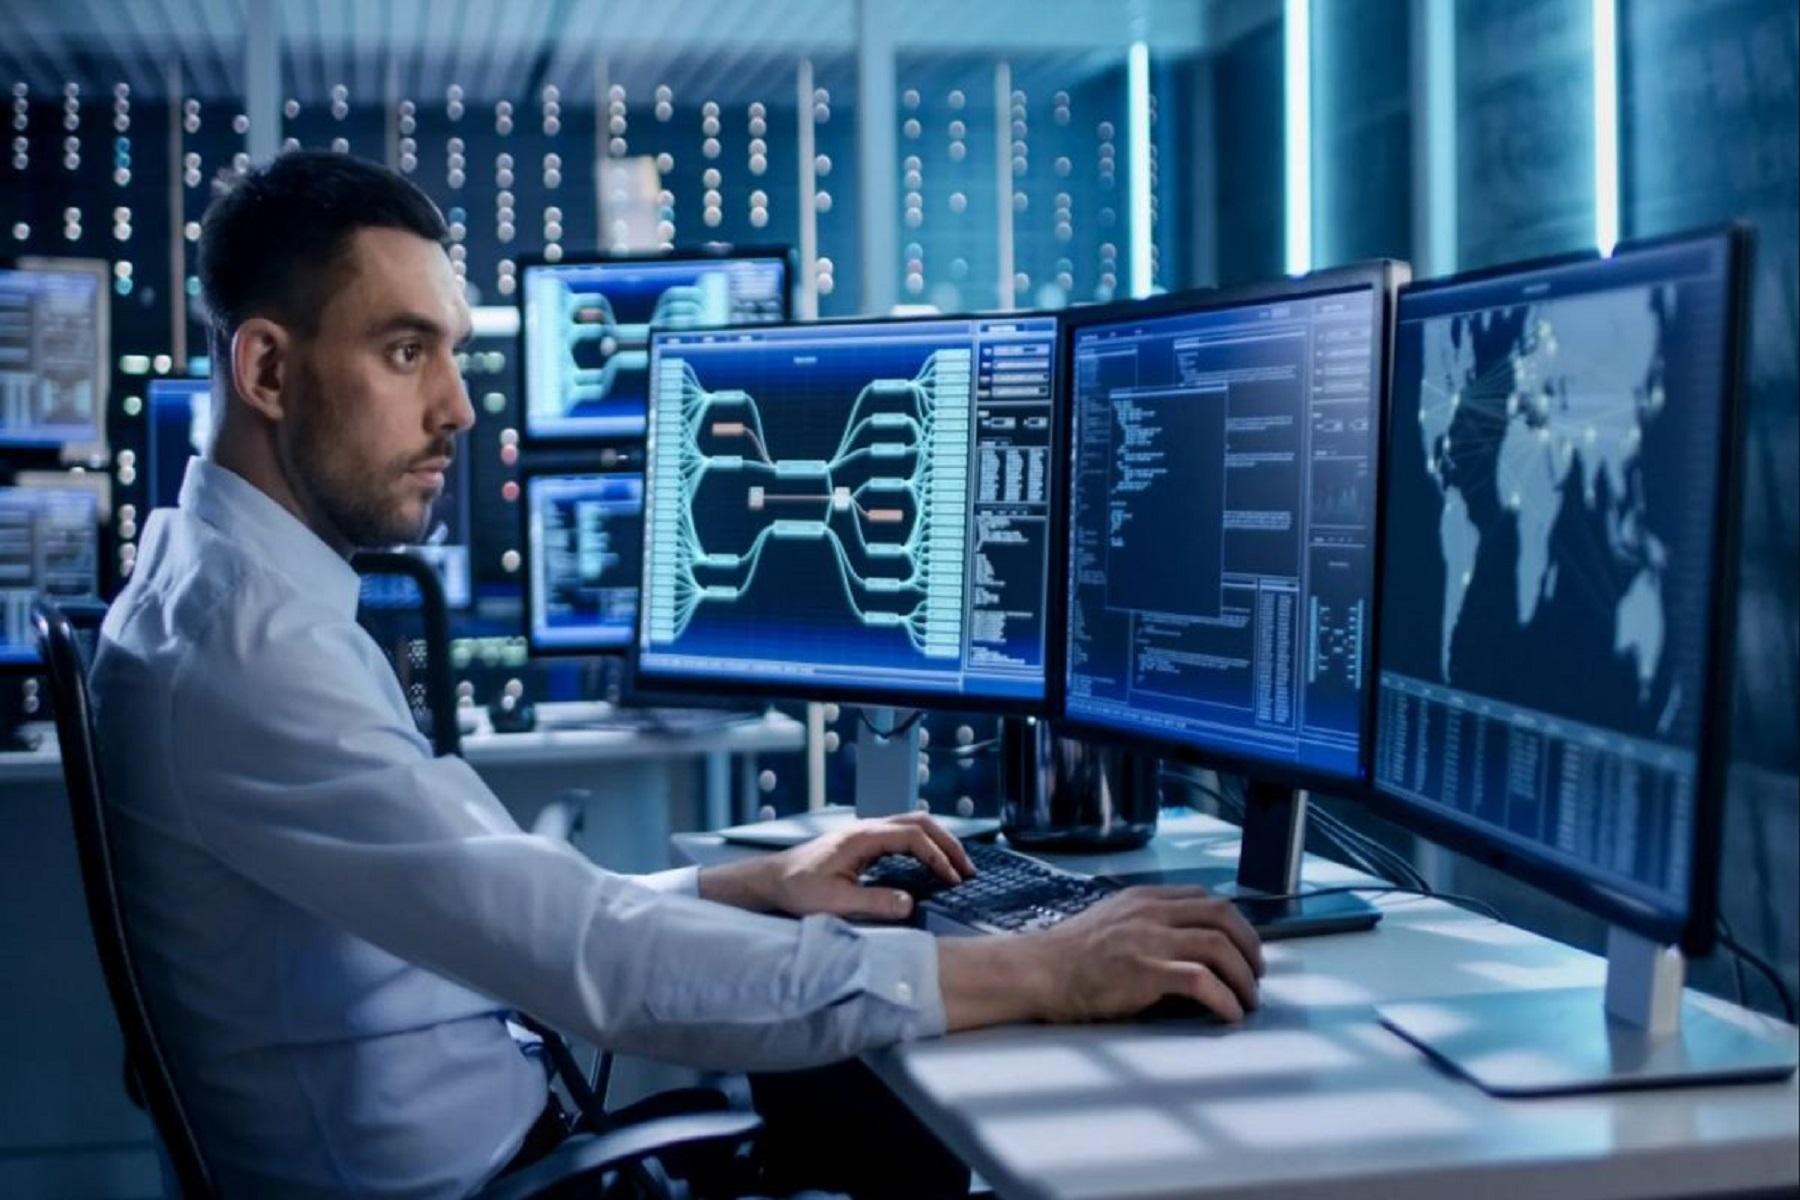 Τεχνολογία Πανδημία: Διαχείριση των προκλήσεων της πληροφορικής στα νοσοκομεία covid-19